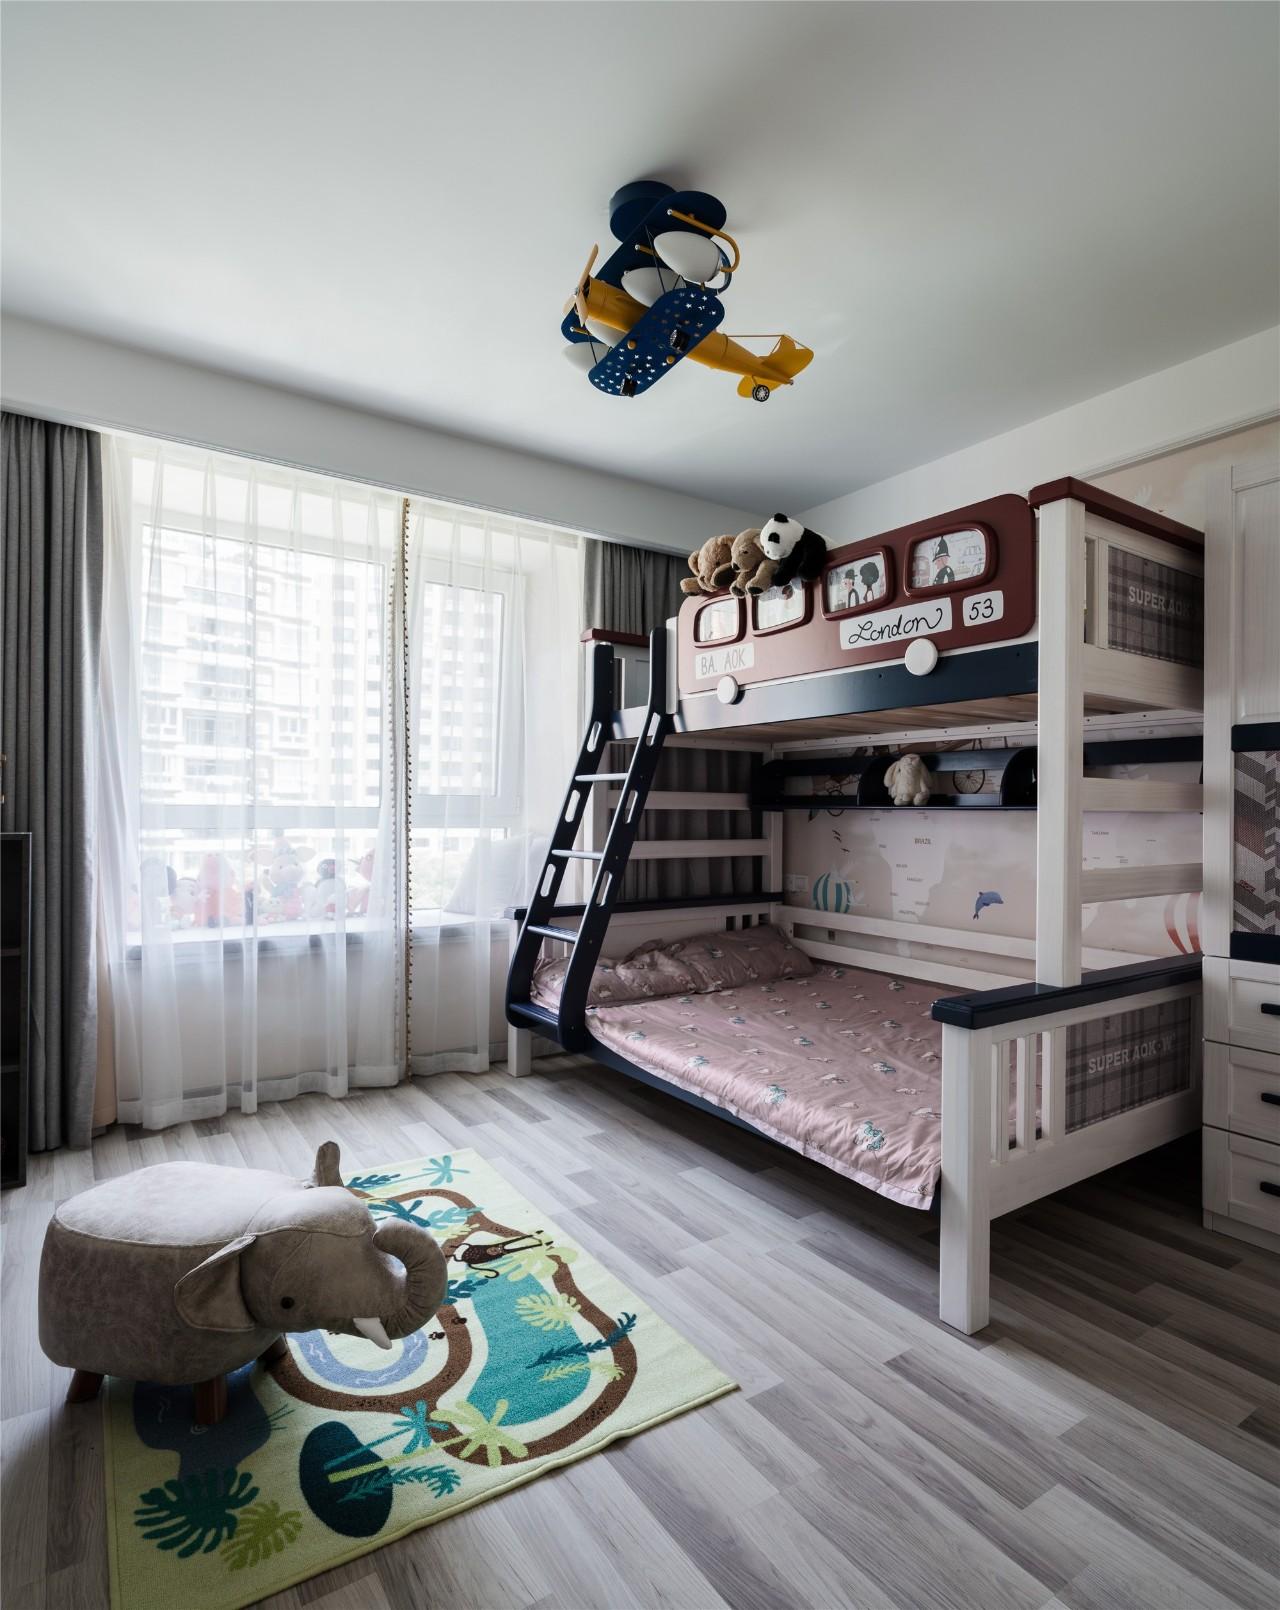 106平简约美式装修儿童房效果图_齐家网装修效果图